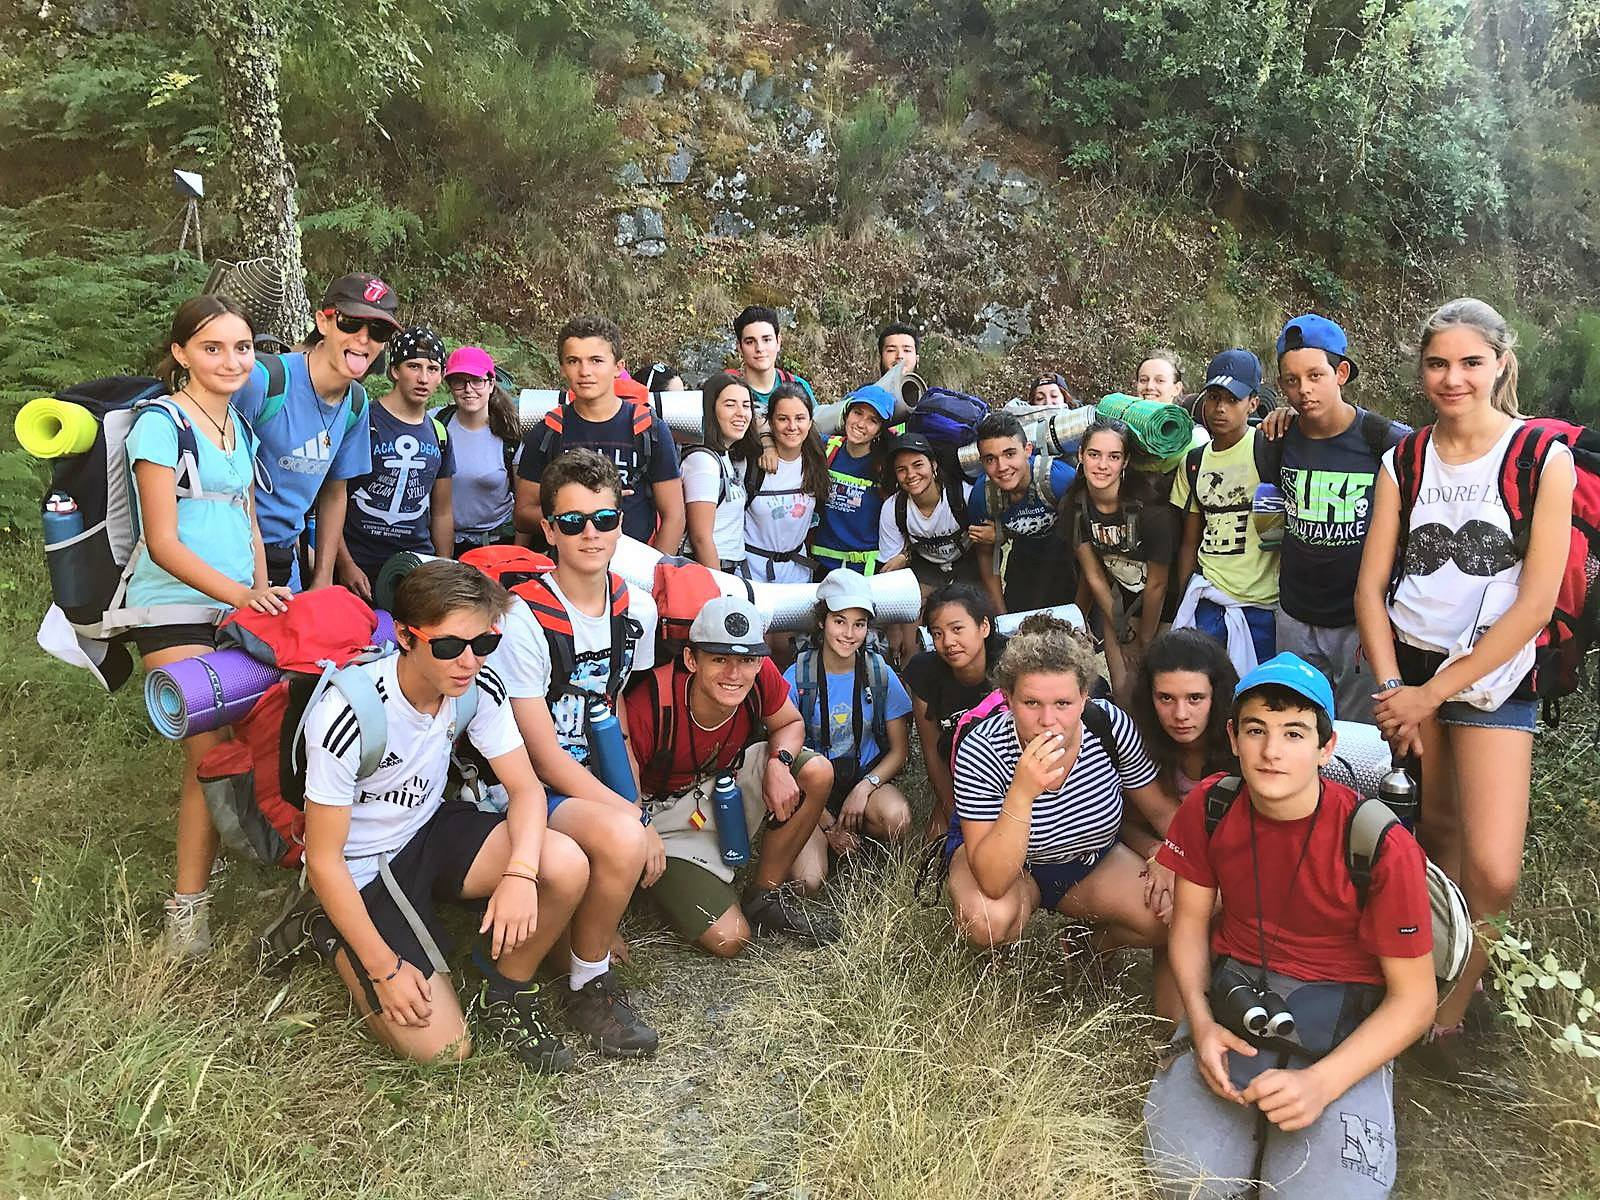 Campamento de verano multiaventura en España para jóvenes con senderismo y actividades de montaña y agua